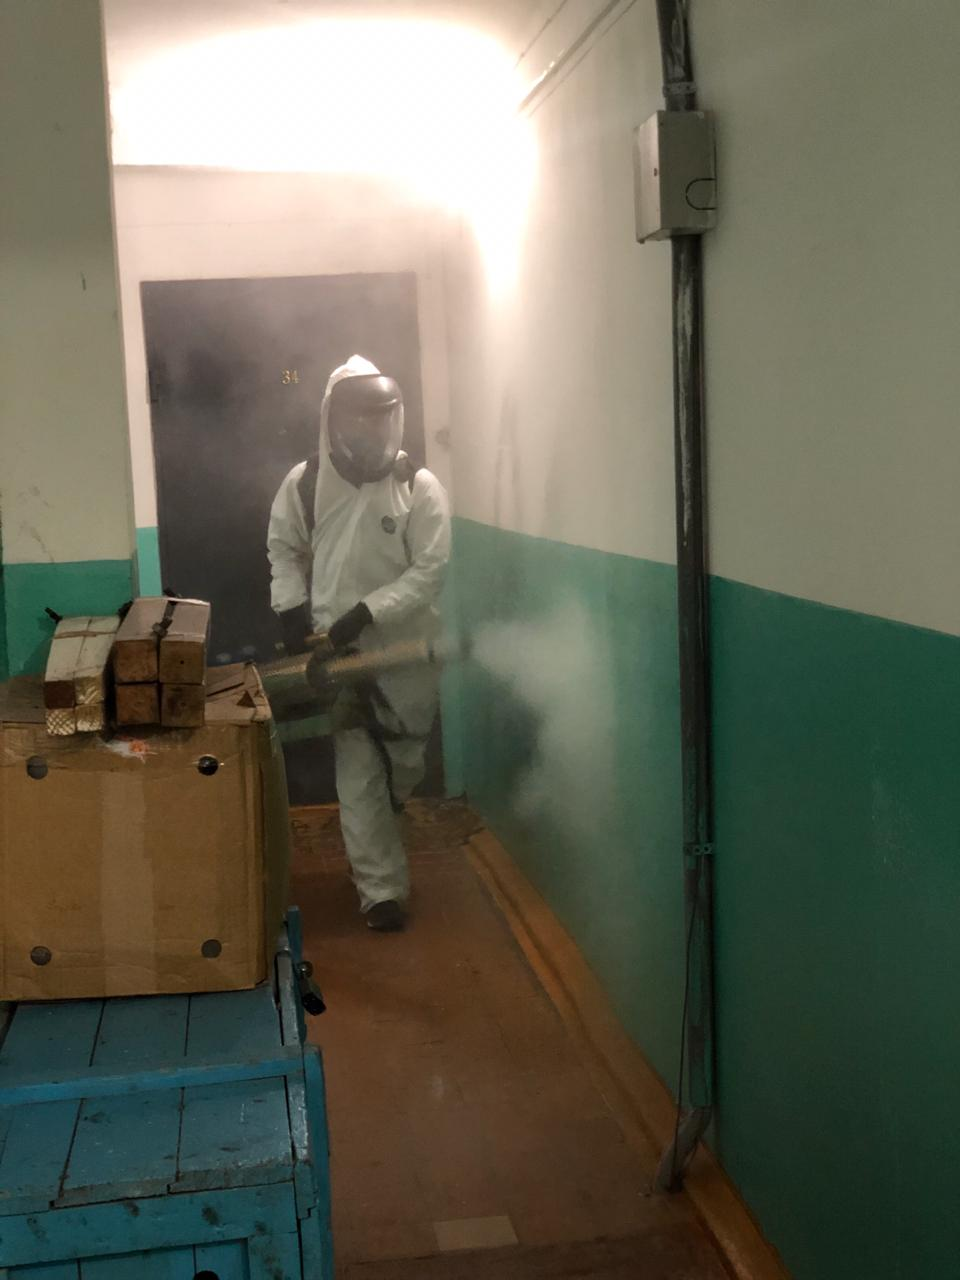 В Якутске продолжается заключительная дезинфекция в подъездах домов, из которых госпитализировали больных коронавирусной инфекцией